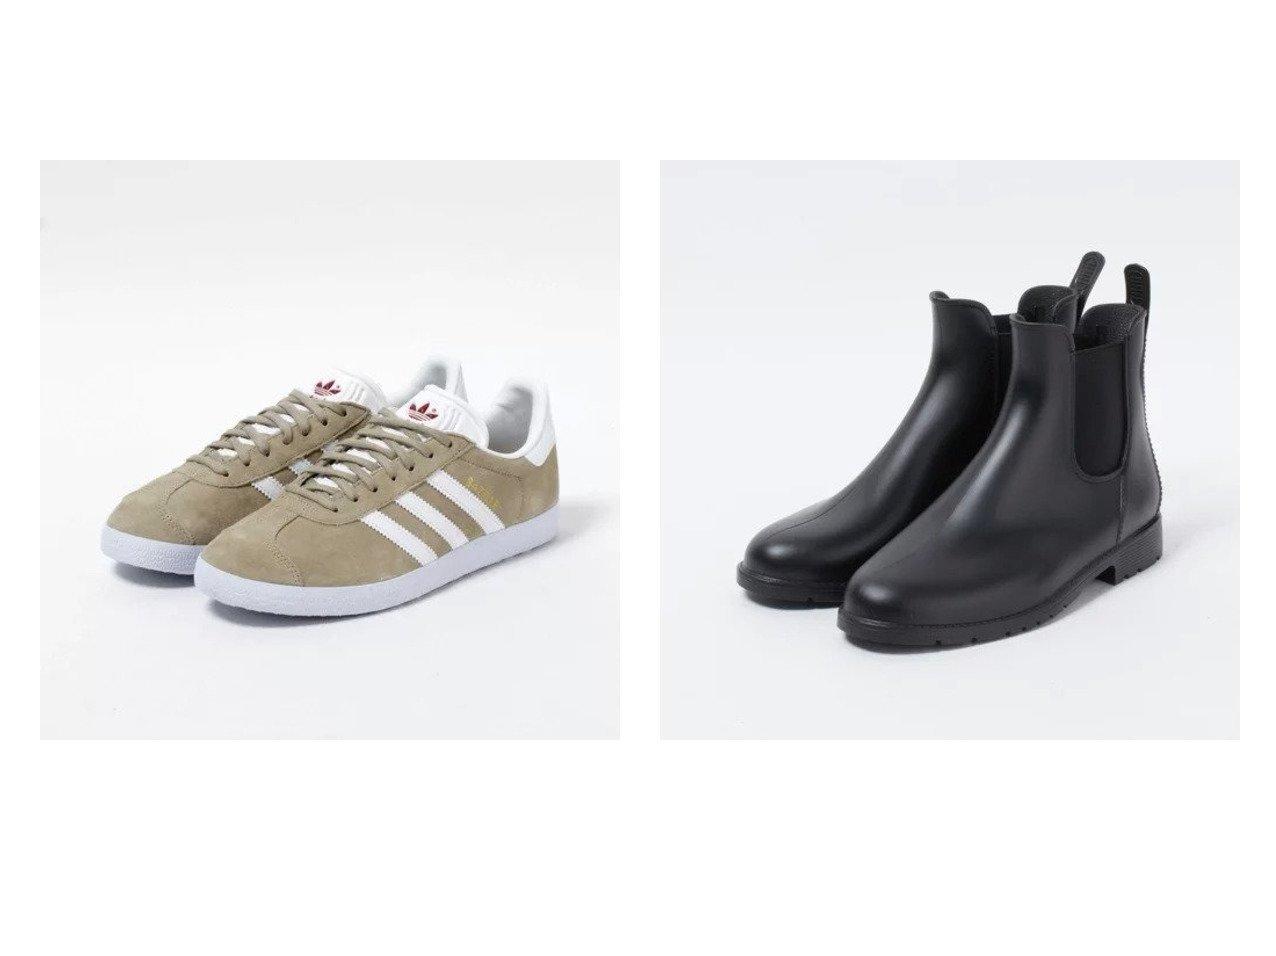 【MEDUSE/メデュース】のサイドゴアレインシューズ&【adidas Originals/アディダス オリジナルス】のGAZELLE W 【シューズ・靴】おすすめ!人気、トレンド・レディースファッションの通販 おすすめで人気の流行・トレンド、ファッションの通販商品 インテリア・家具・メンズファッション・キッズファッション・レディースファッション・服の通販 founy(ファニー) https://founy.com/ 雑誌掲載アイテム Magazine Items ファッション雑誌 Fashion Magazines リー LEE ファッション Fashion レディースファッション WOMEN 6月号 シューズ スエード スニーカー デニム 雑誌 |ID:crp329100000046139